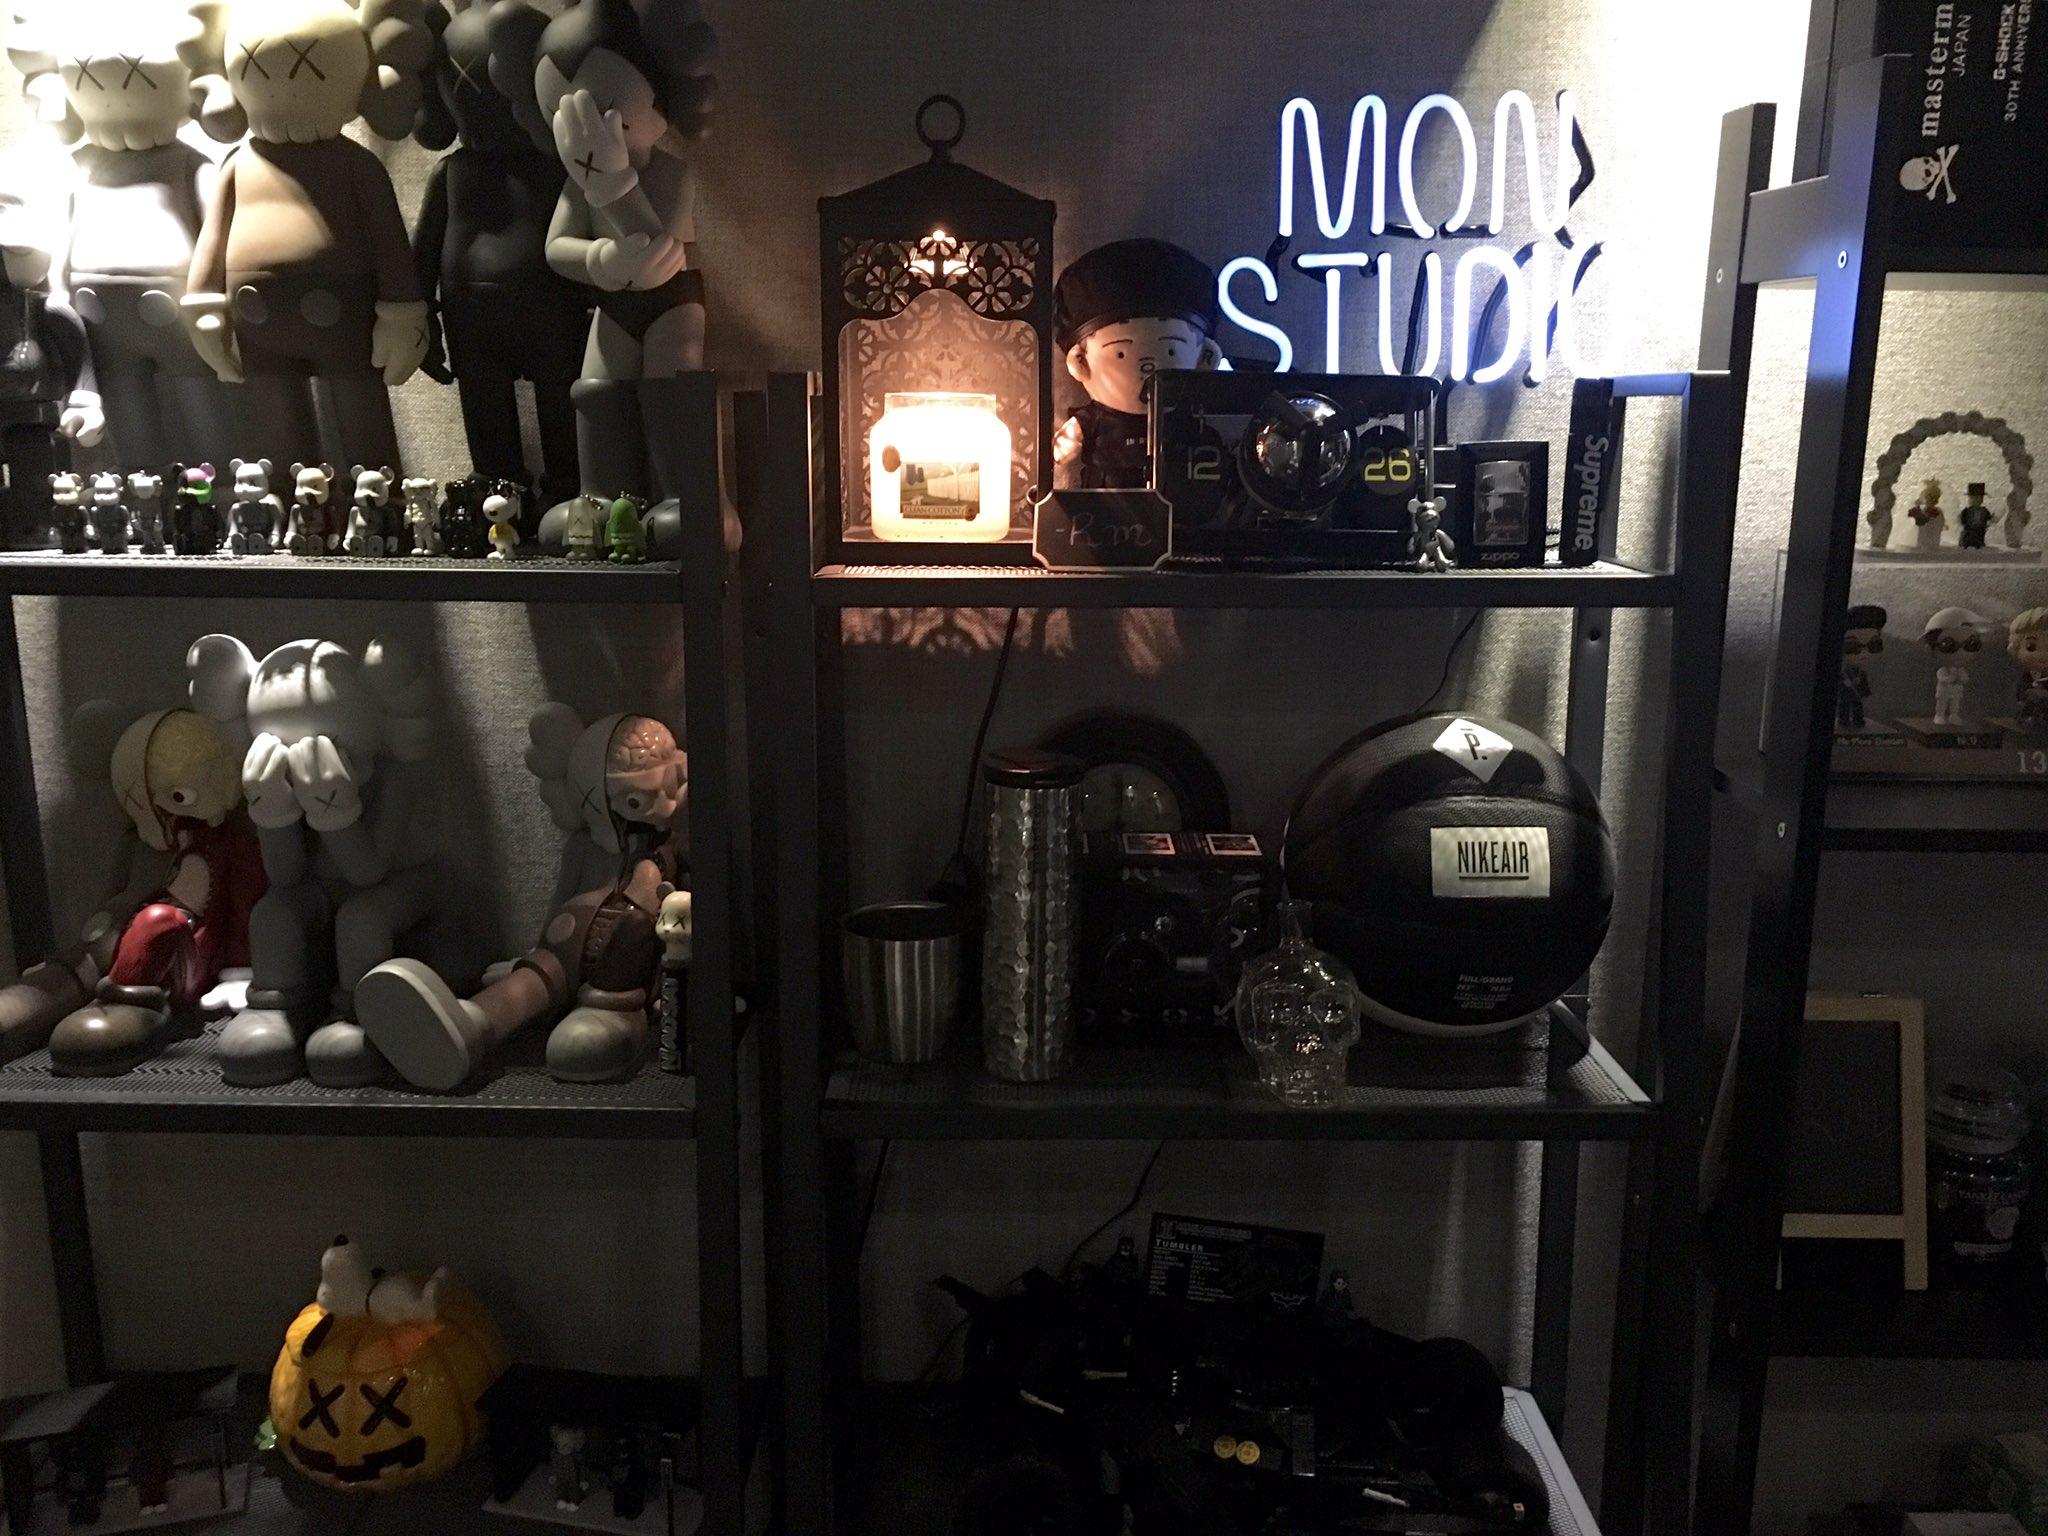 MON'STUDIO 💖 https://t.co/My5EJRJw0w